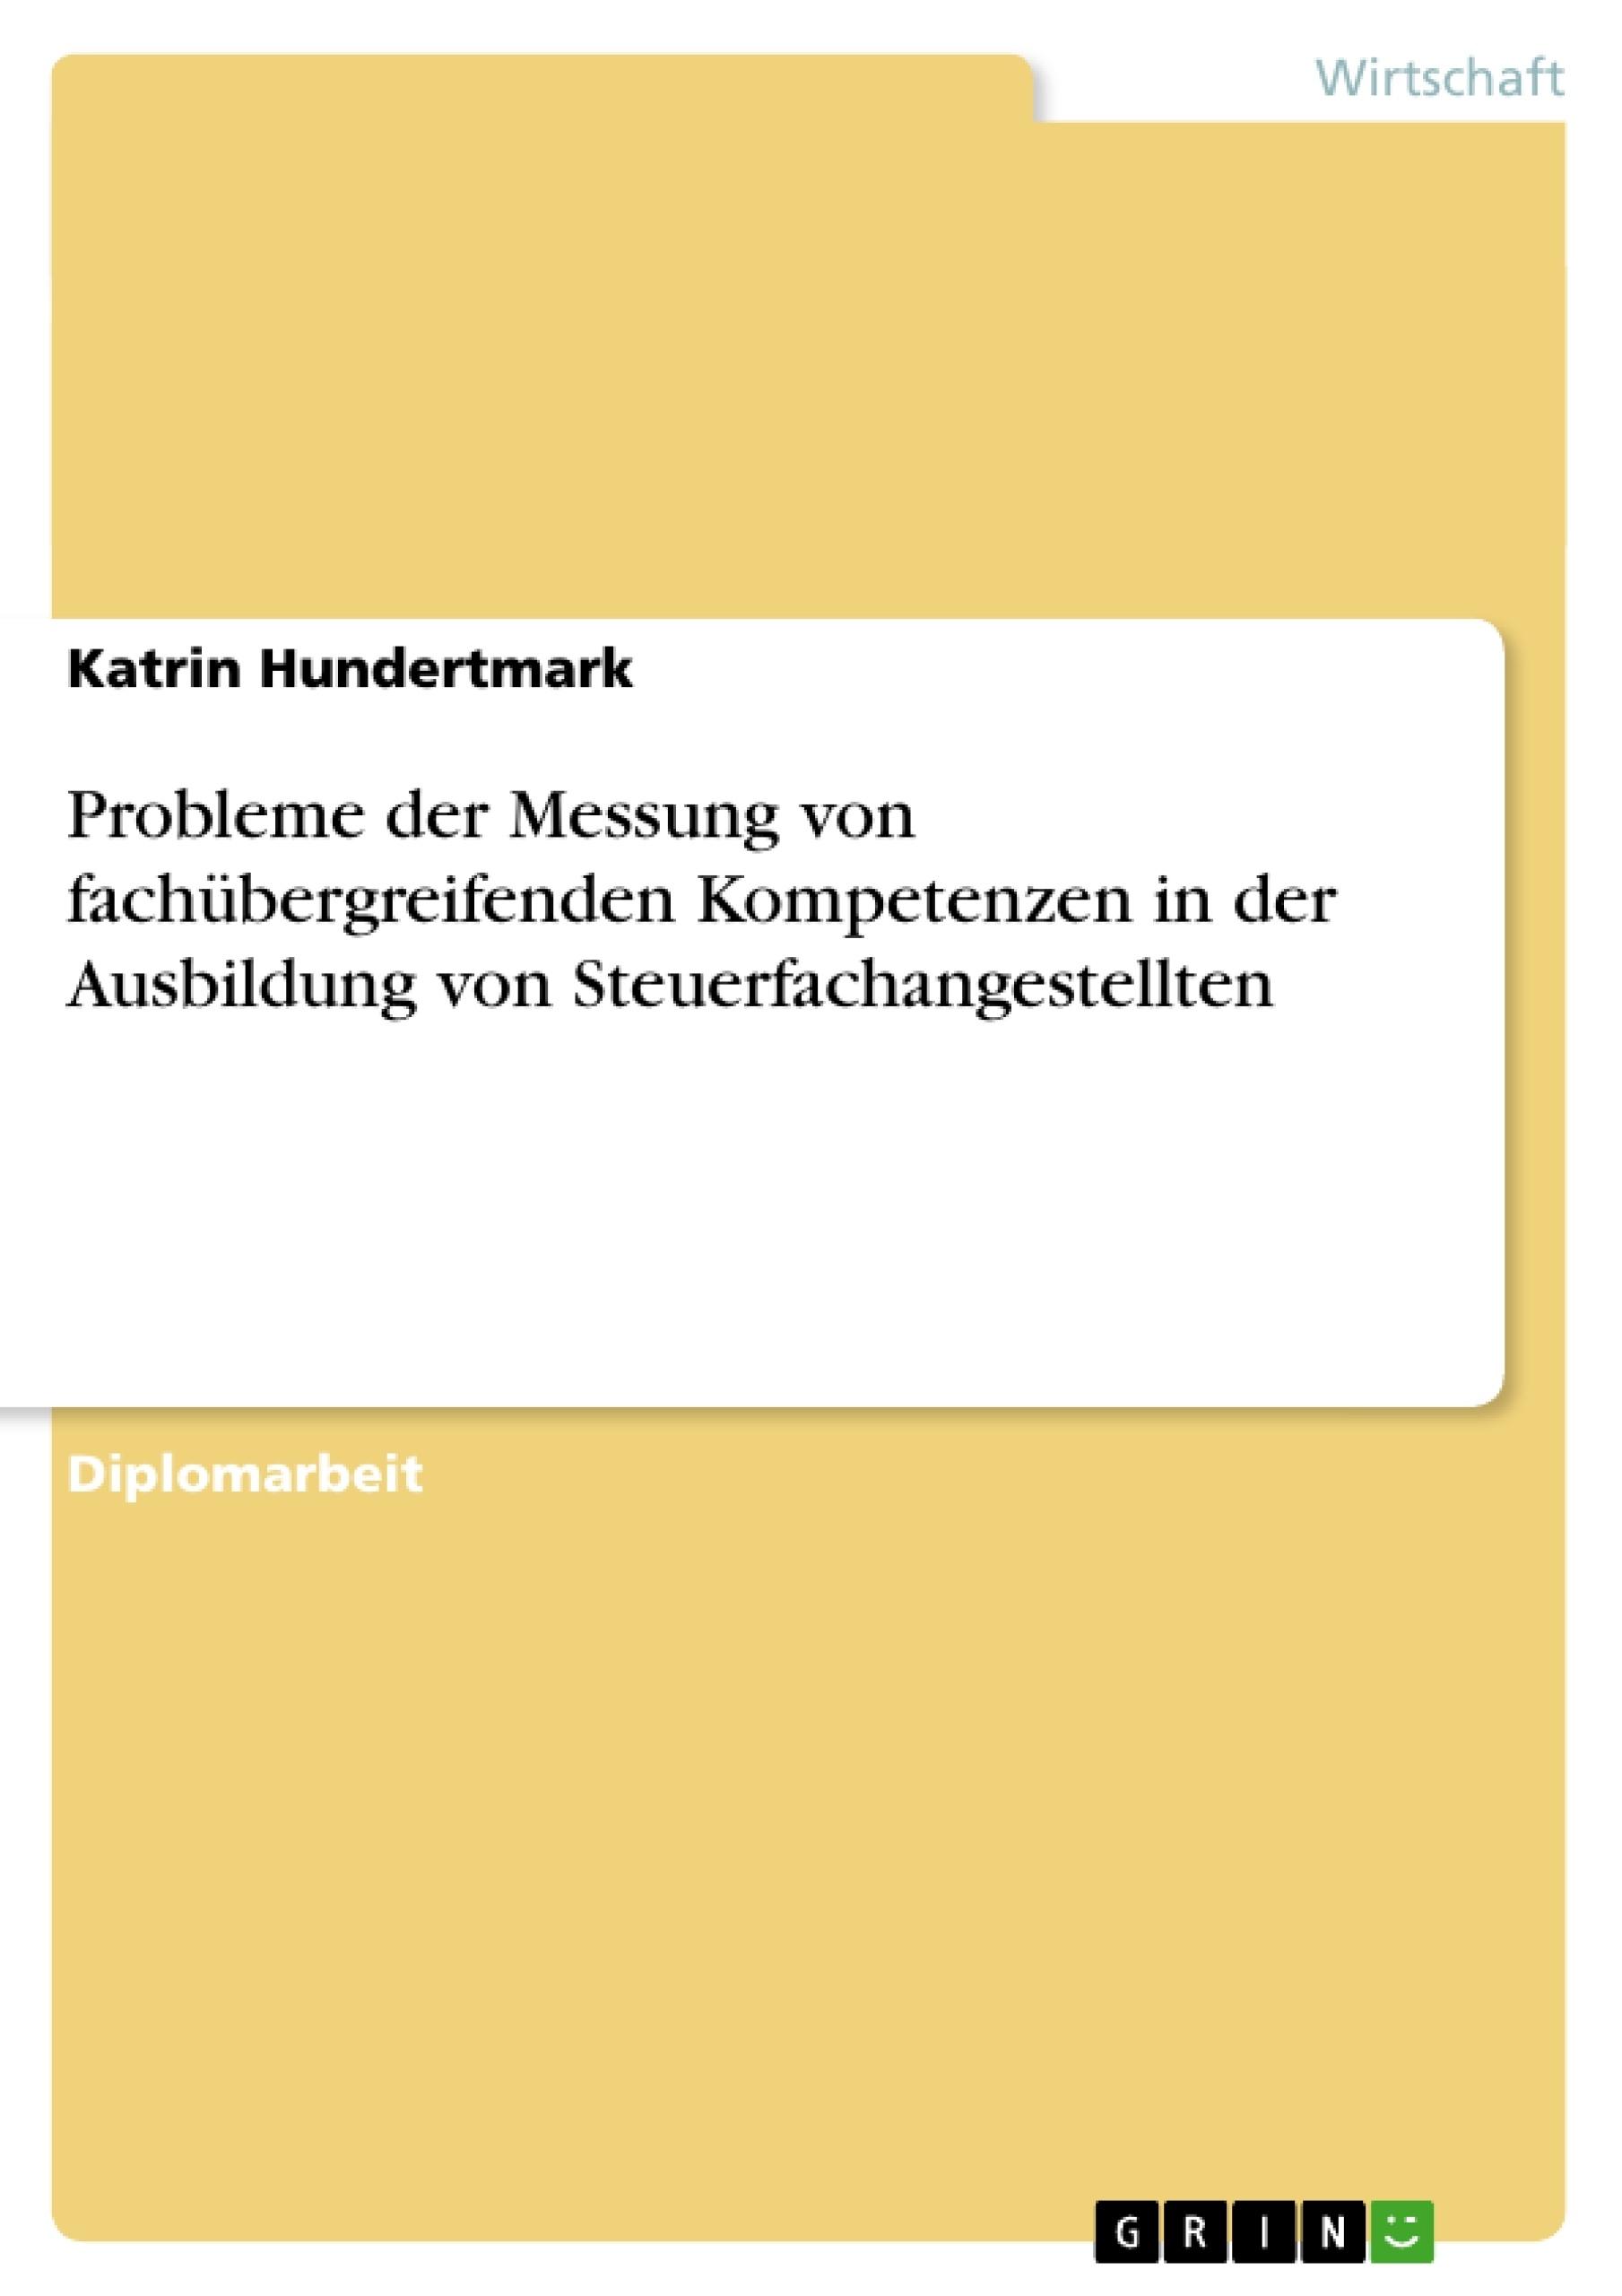 Titel: Probleme der Messung von fachübergreifenden Kompetenzen in der Ausbildung von Steuerfachangestellten